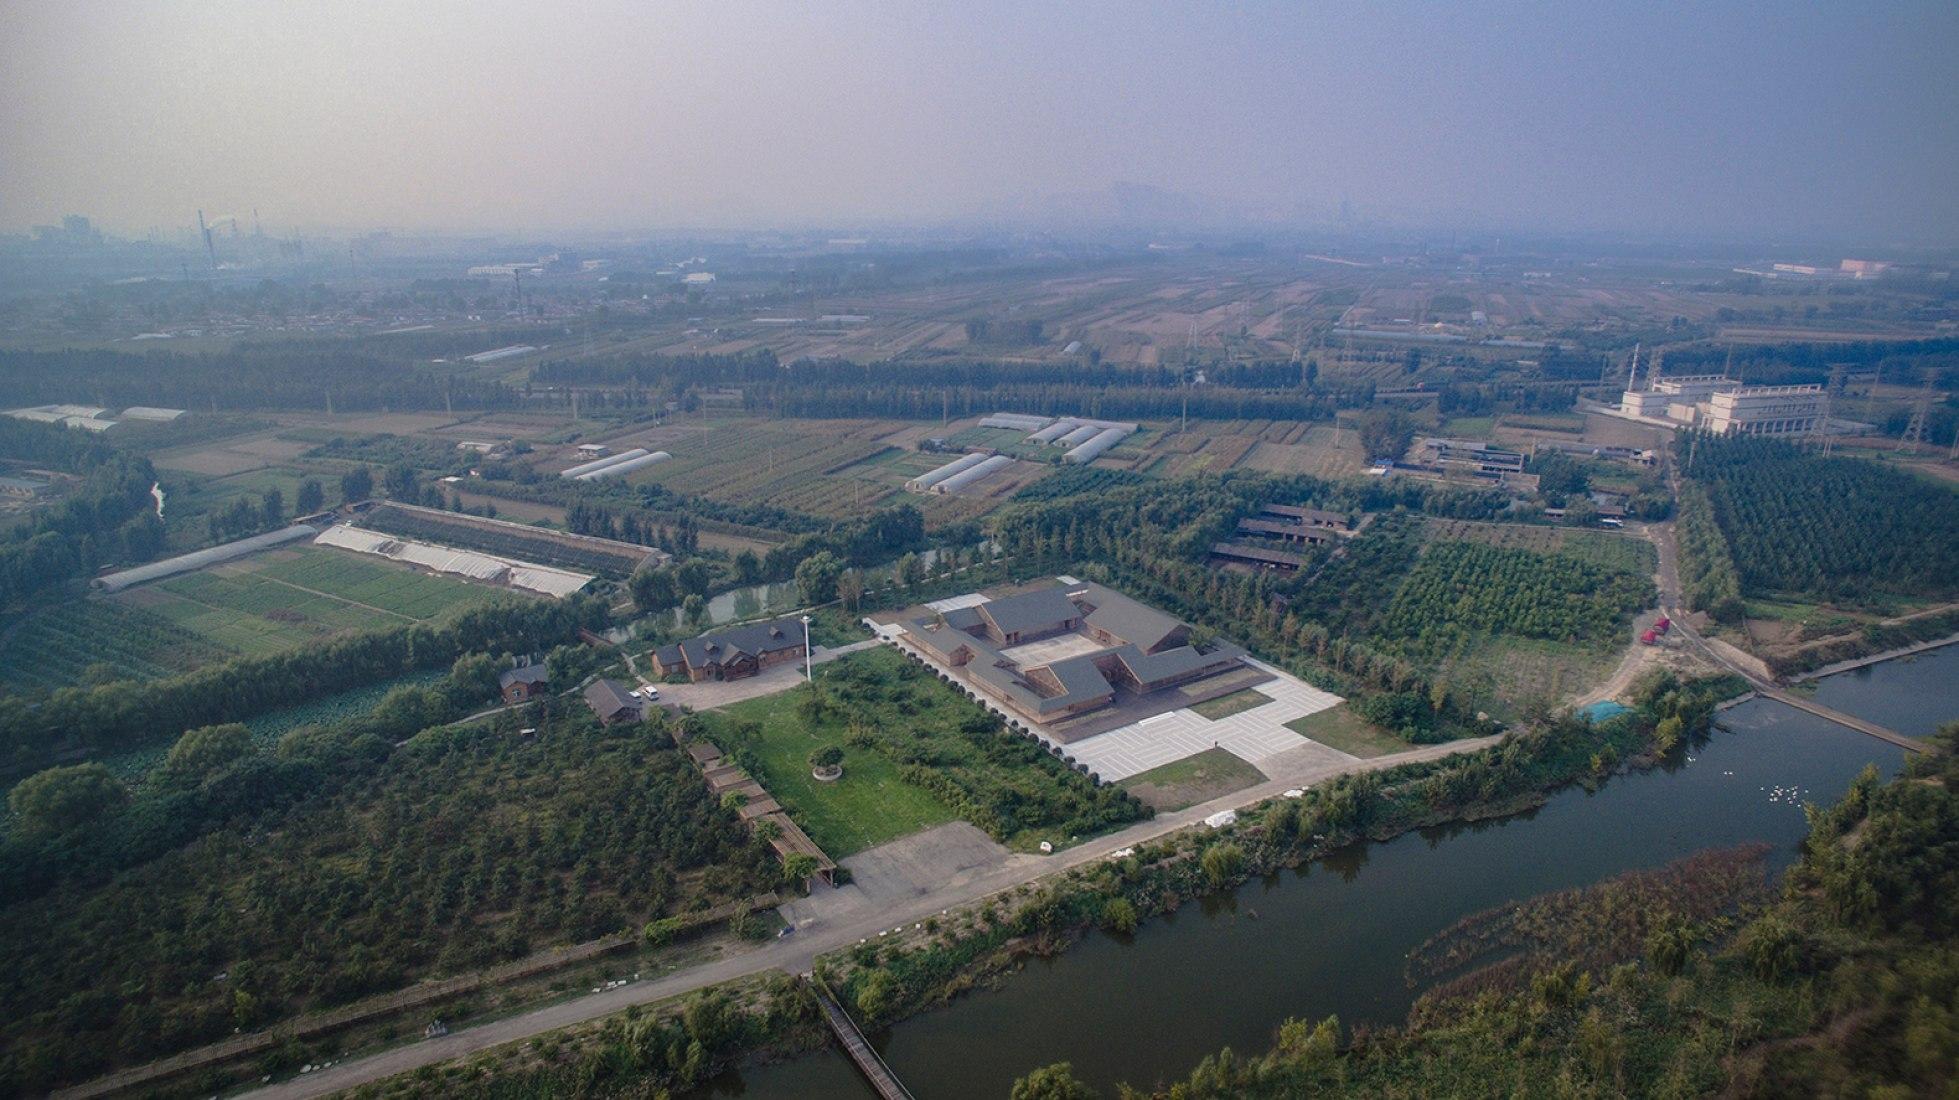 Vista aérea. Granja orgánica por 韩文强-Archstudio. Fotografía © JIN Wei-Qi. Imagen cortesía de Archstudio.